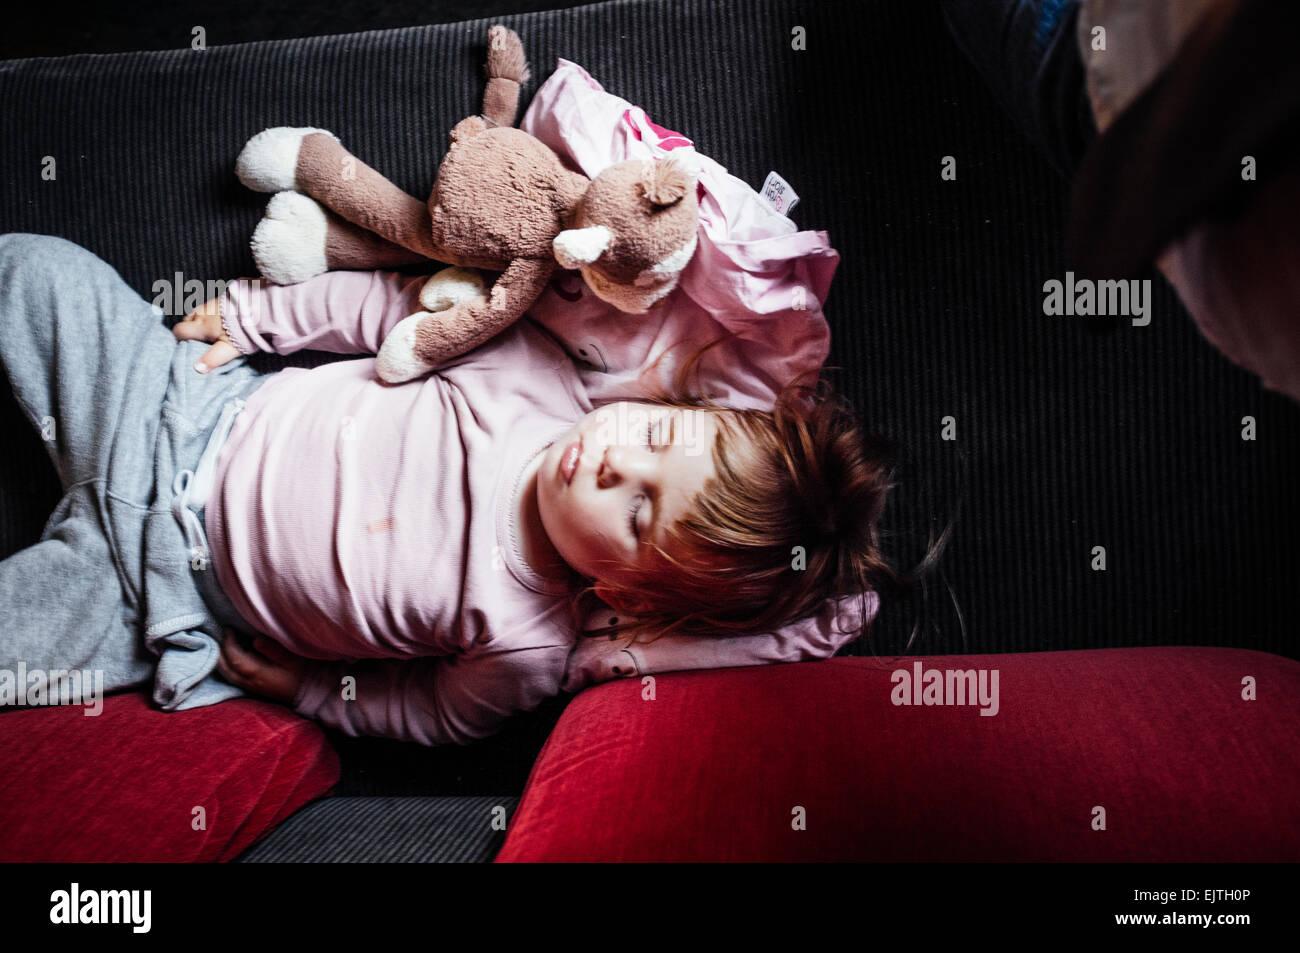 Un alto ángulo de visualización de bebe durmiendo en el tren Imagen De Stock